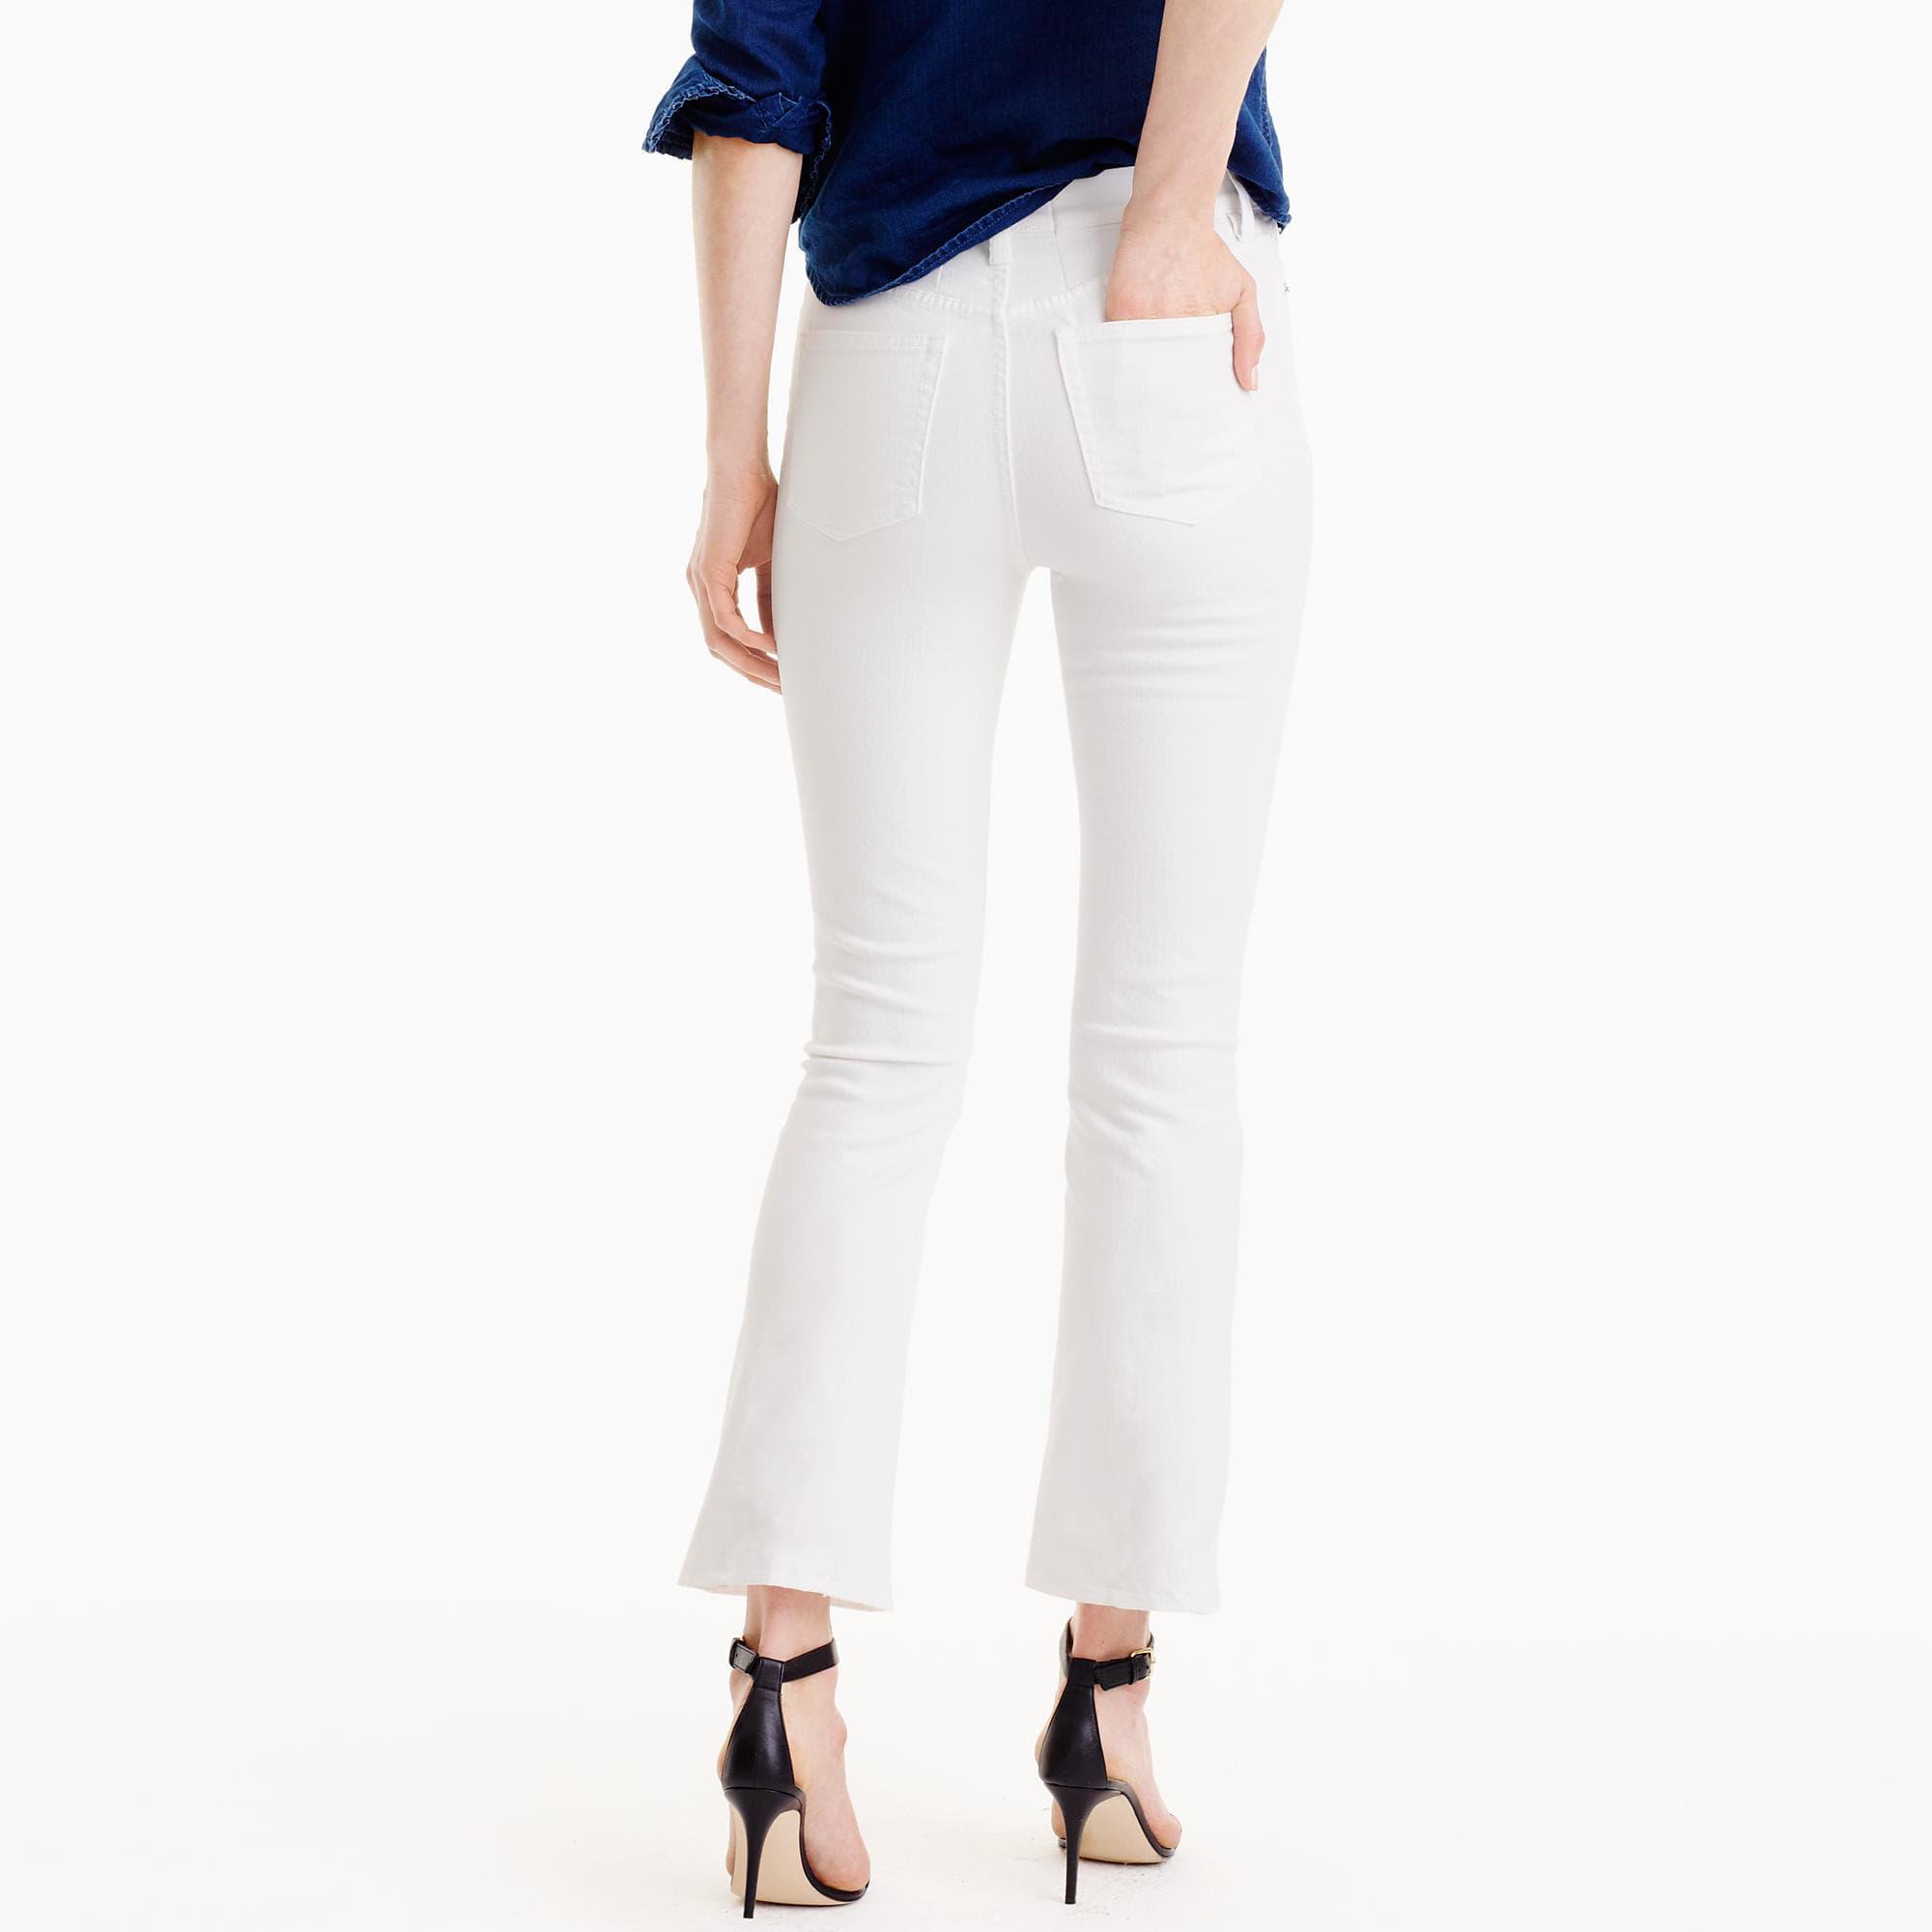 56d8a0a8ba7 J.Crew Billie Demi-boot Crop Jean In White in White - Lyst